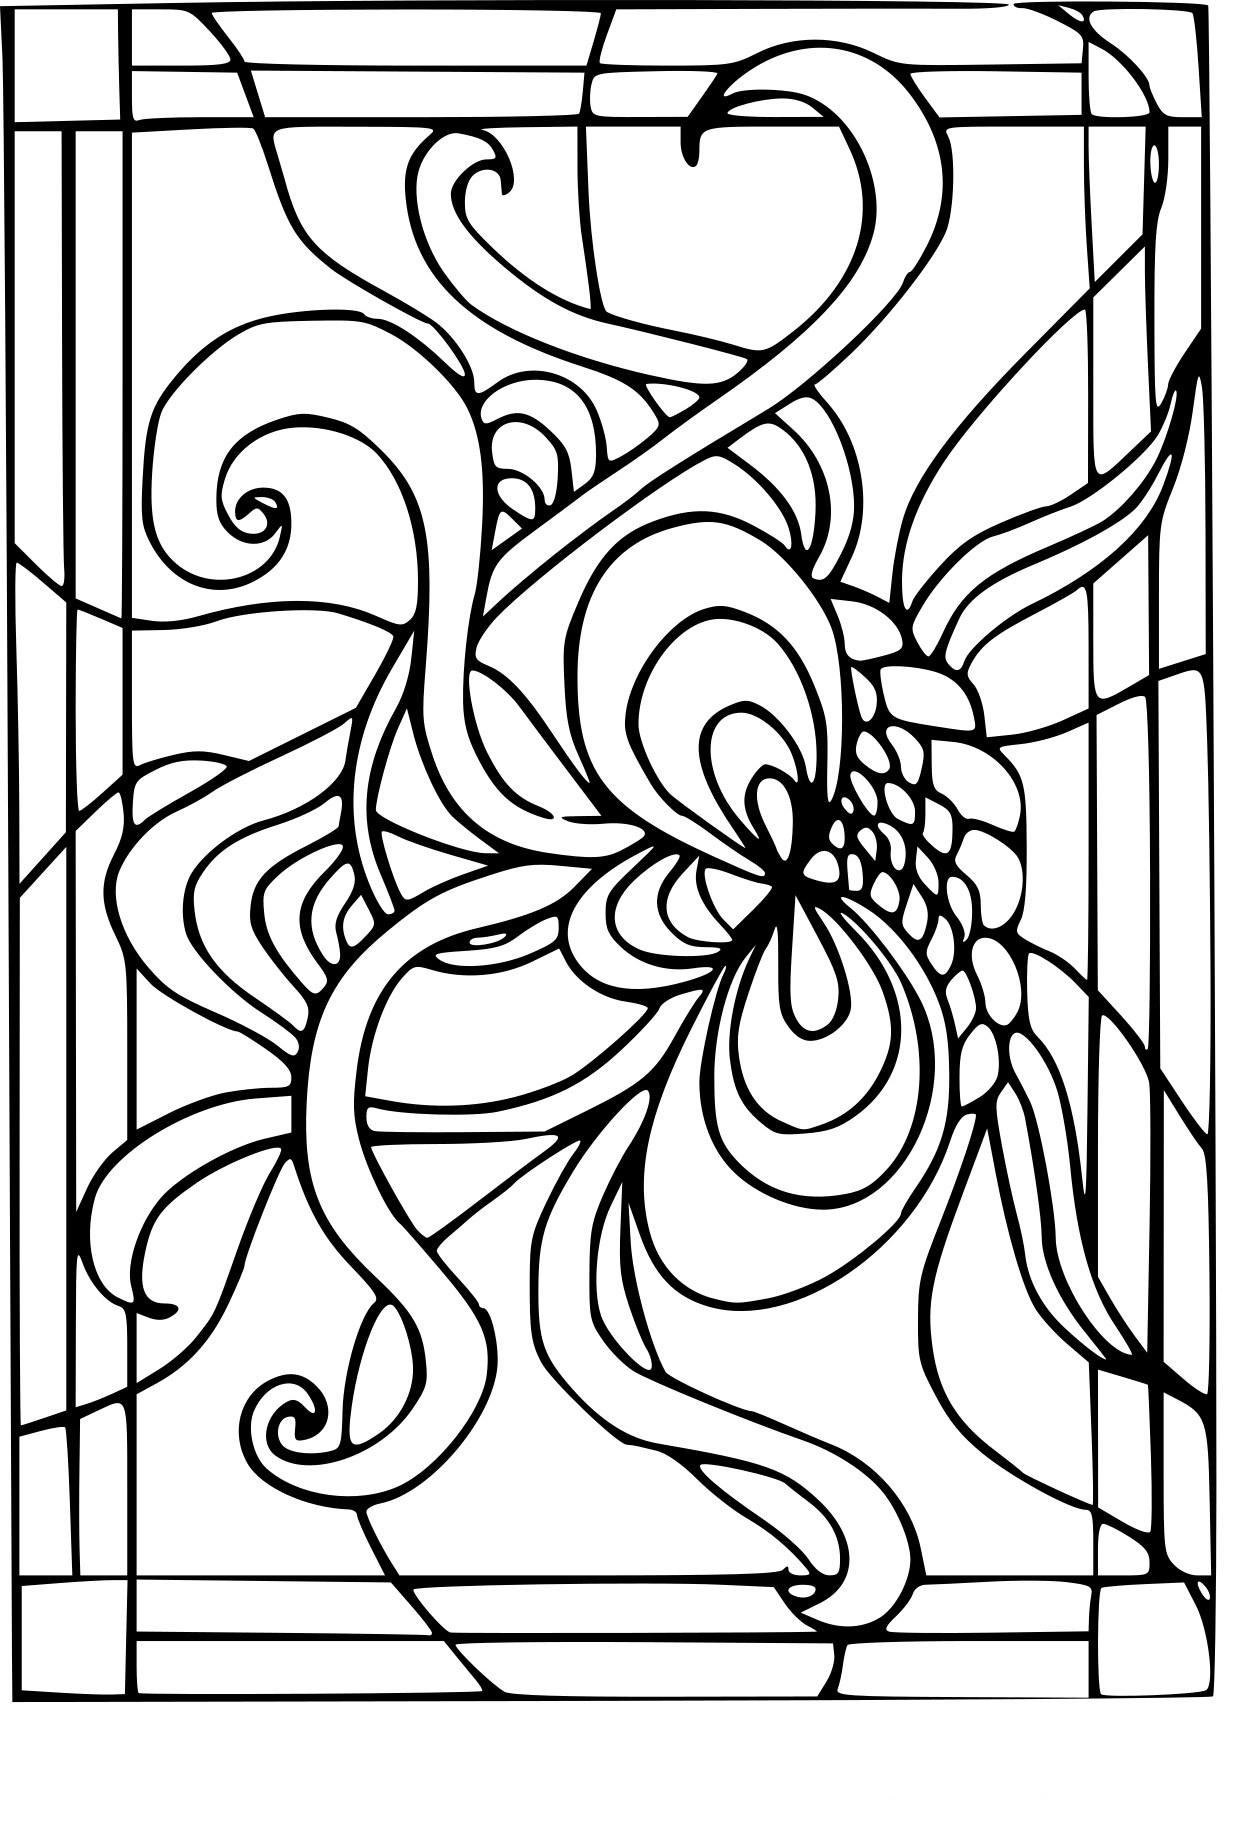 Coloriage Vitrail À Imprimer Sur Coloriages à Coloriage De Fortnite A Imprimer Gratuitement